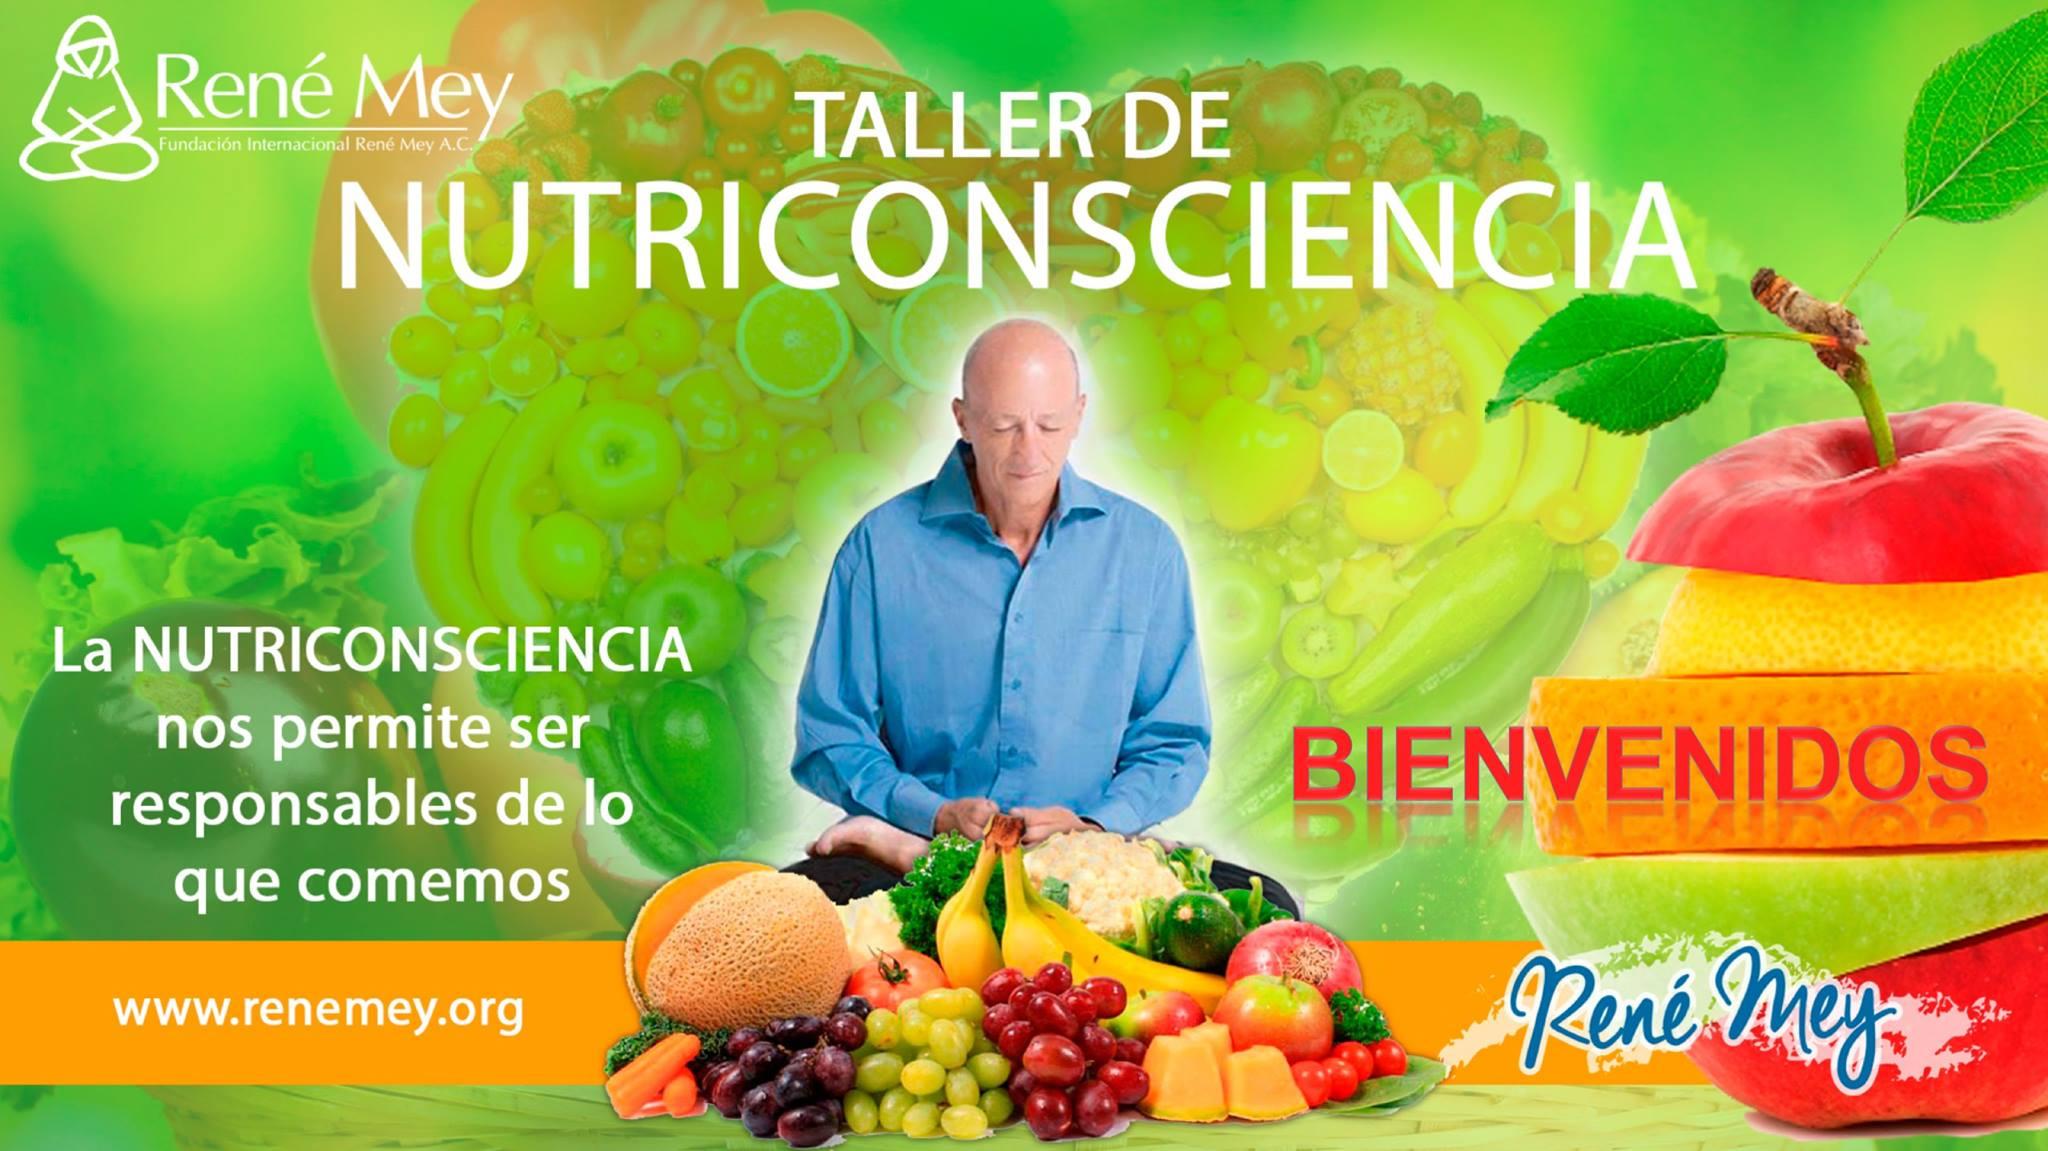 NutriConsciencia